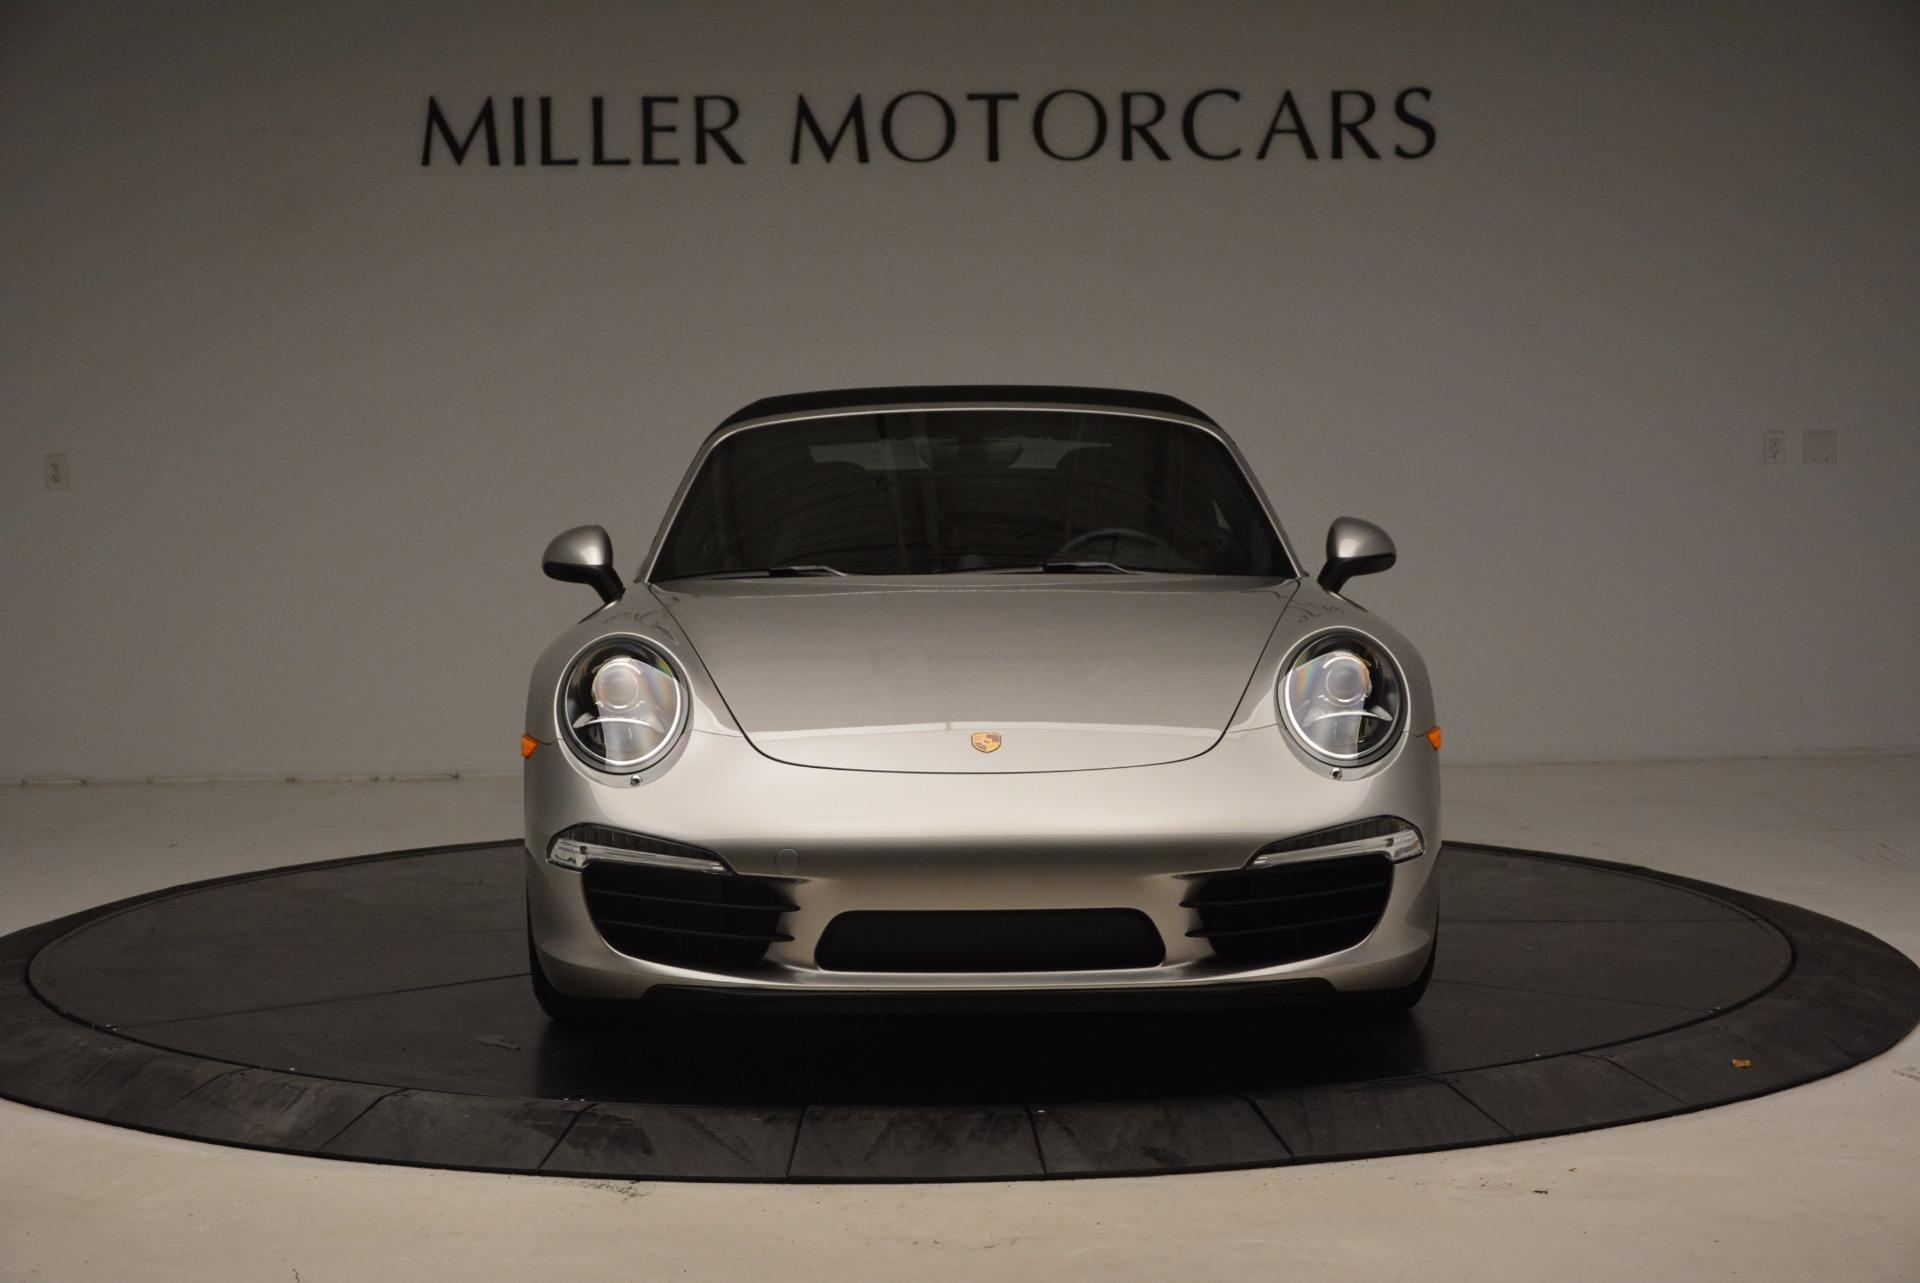 Used 2012 Porsche 911 Carrera S For Sale In Greenwich, CT 1790_p7